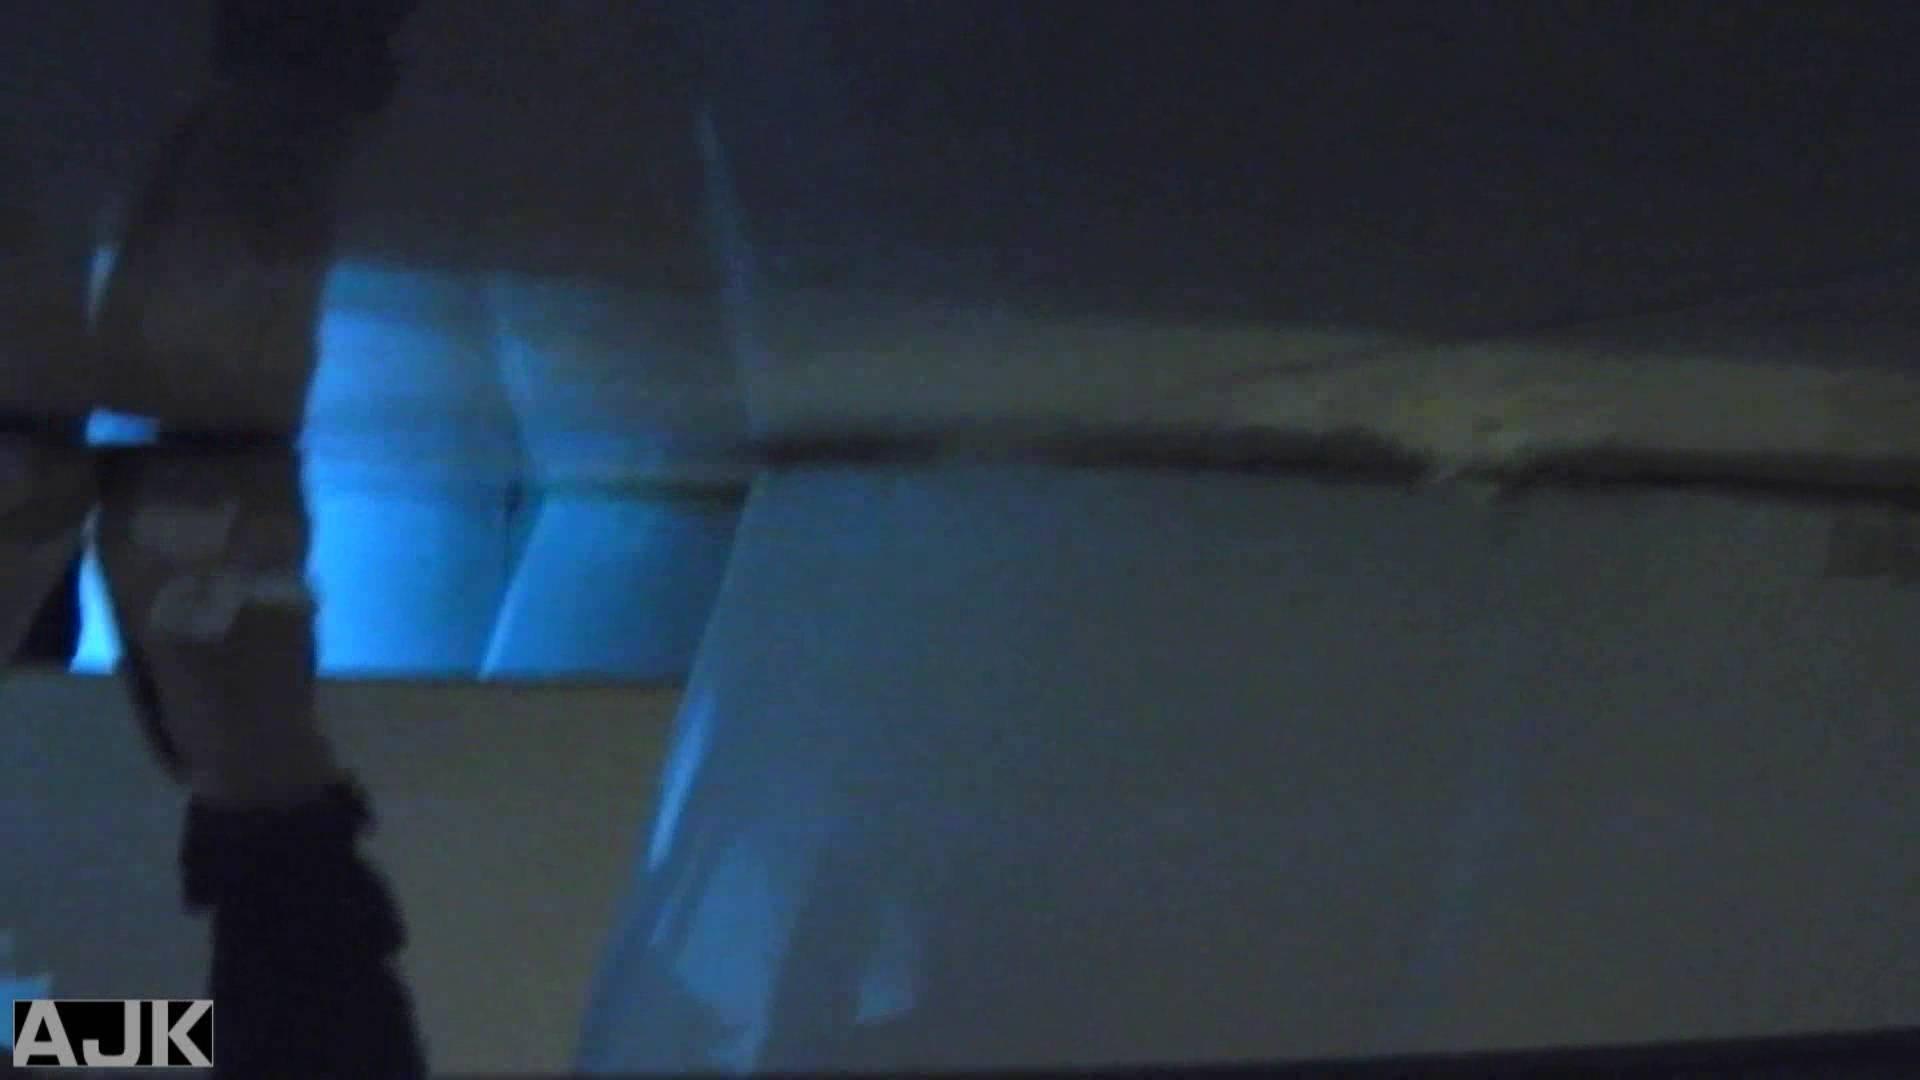 神降臨!史上最強の潜入かわや! vol.22 盗撮シリーズ おめこ無修正動画無料 112PIX 104